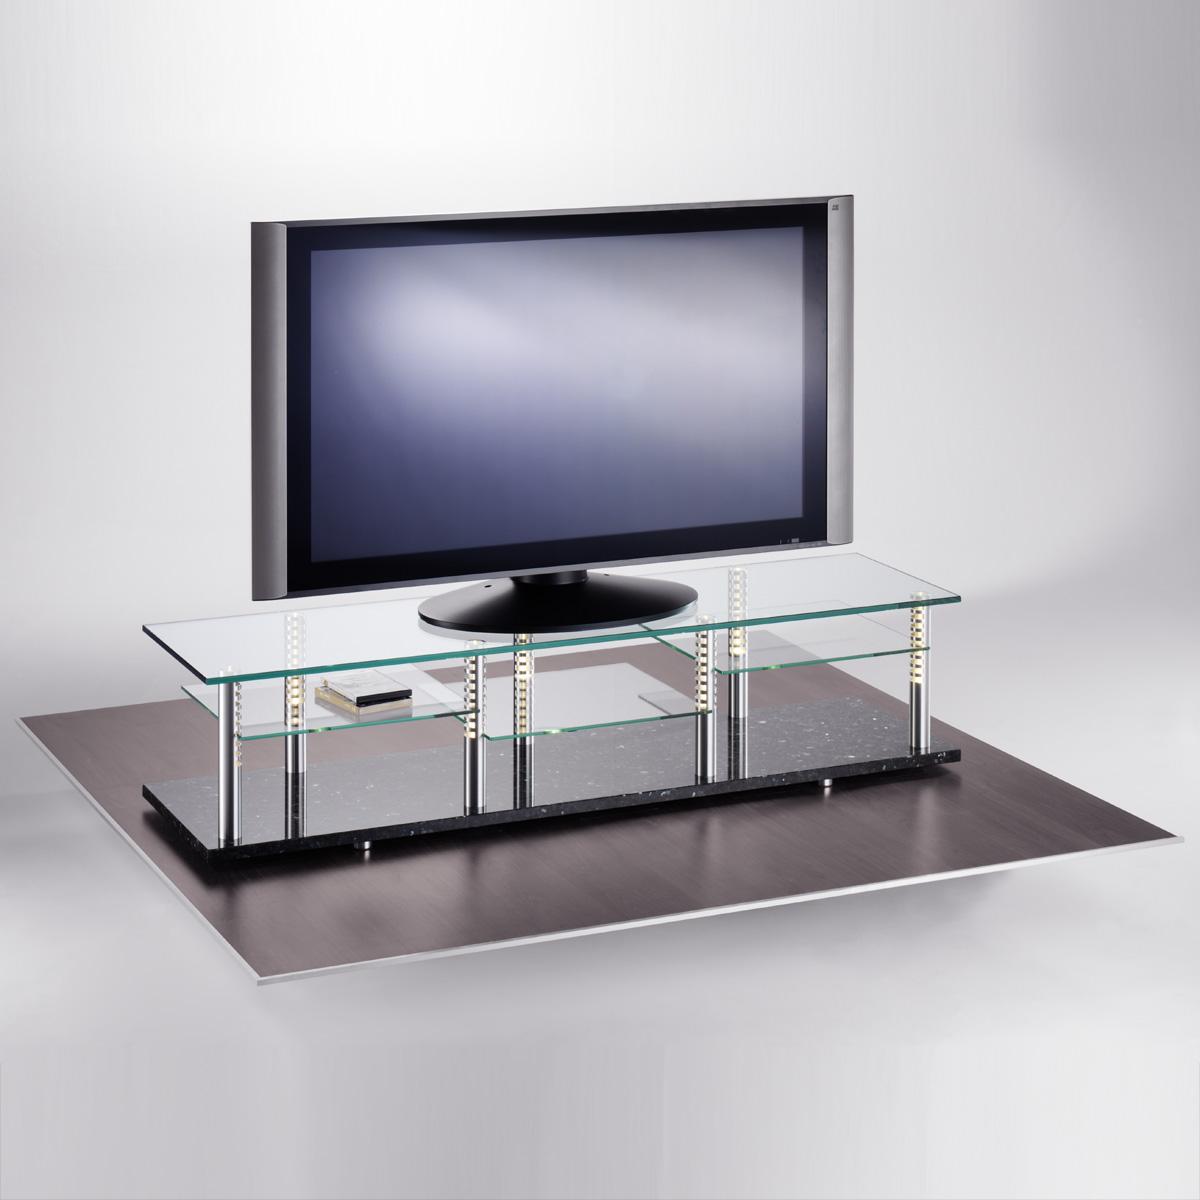 Ein Hifi TV Regal. 185x40x50 cm (BxHxT). Sockel aus Naturstein. Ablageböden aus Glas.Tragesäulen aus Aluminium. Edles Design. Modell Trimedia 3 von Liko Design.